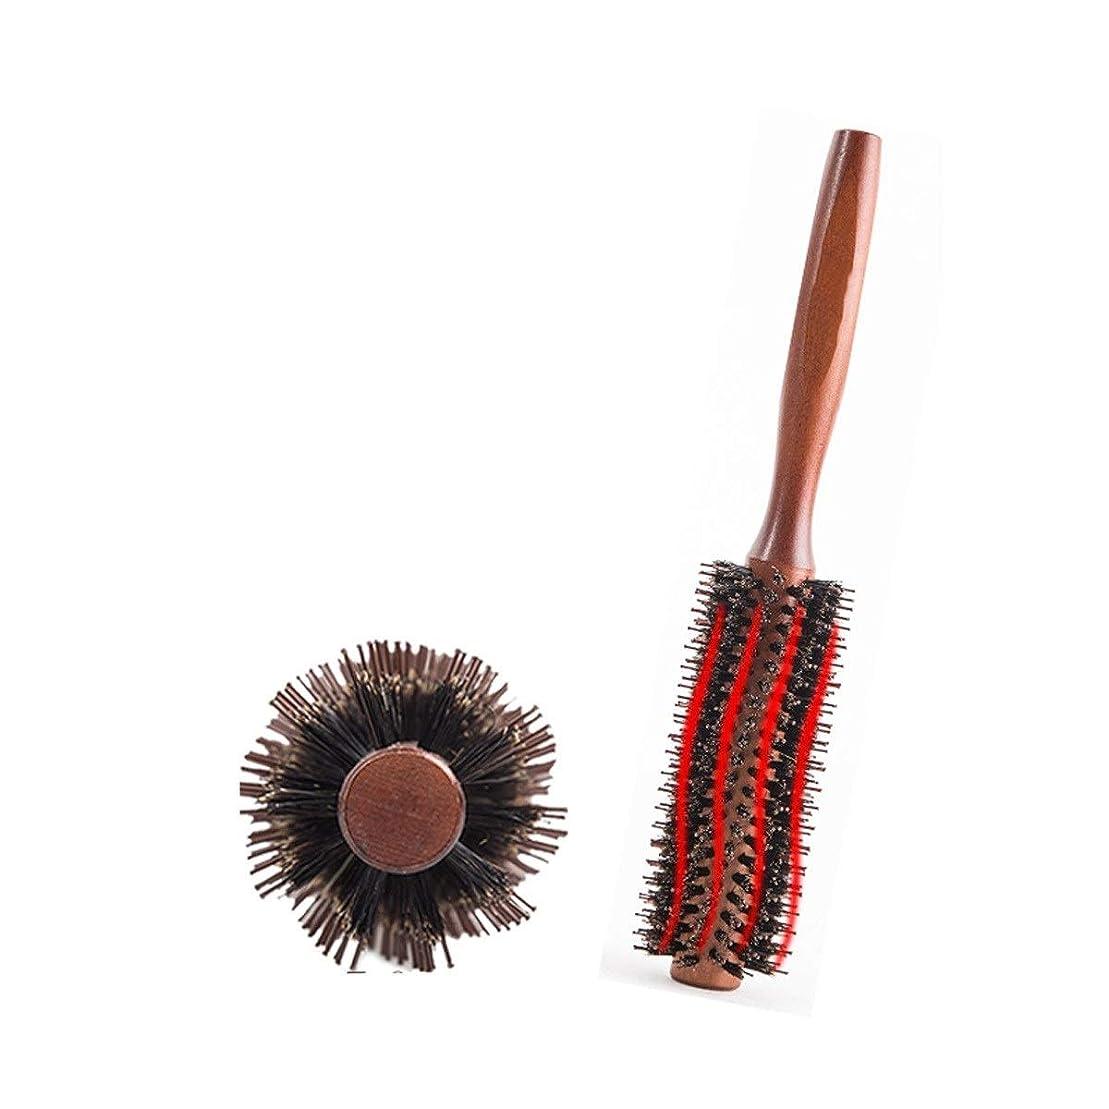 Fengkuo 櫛、巻き毛の櫛、ふわふわの家庭用ロール櫛、理髪店特別な木製の櫛、ウッドカラー、2つのスタイル 櫛 (Design : A, Size : S)